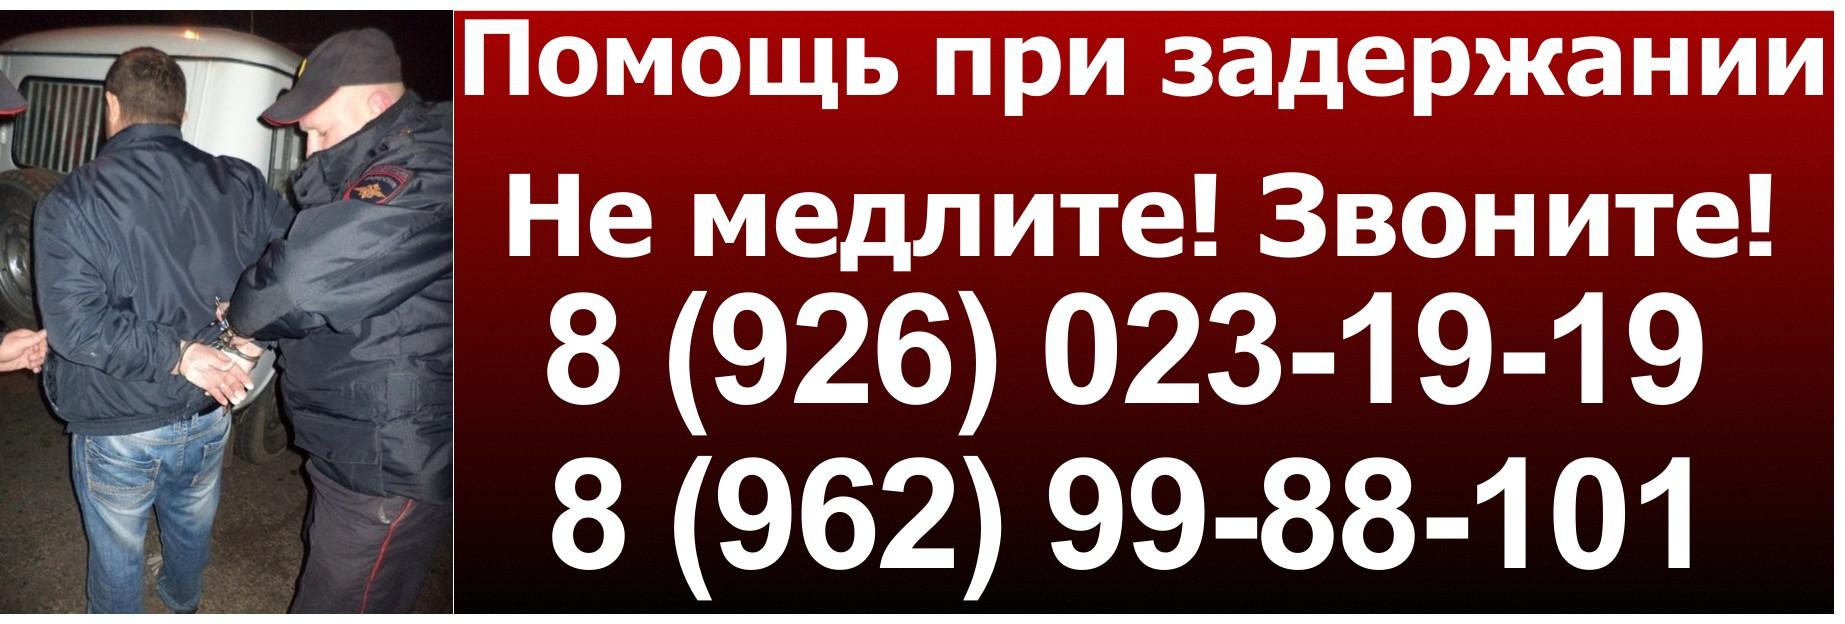 advokat_po_moshennichestvu.advokat_po_delam__moshennichestvo